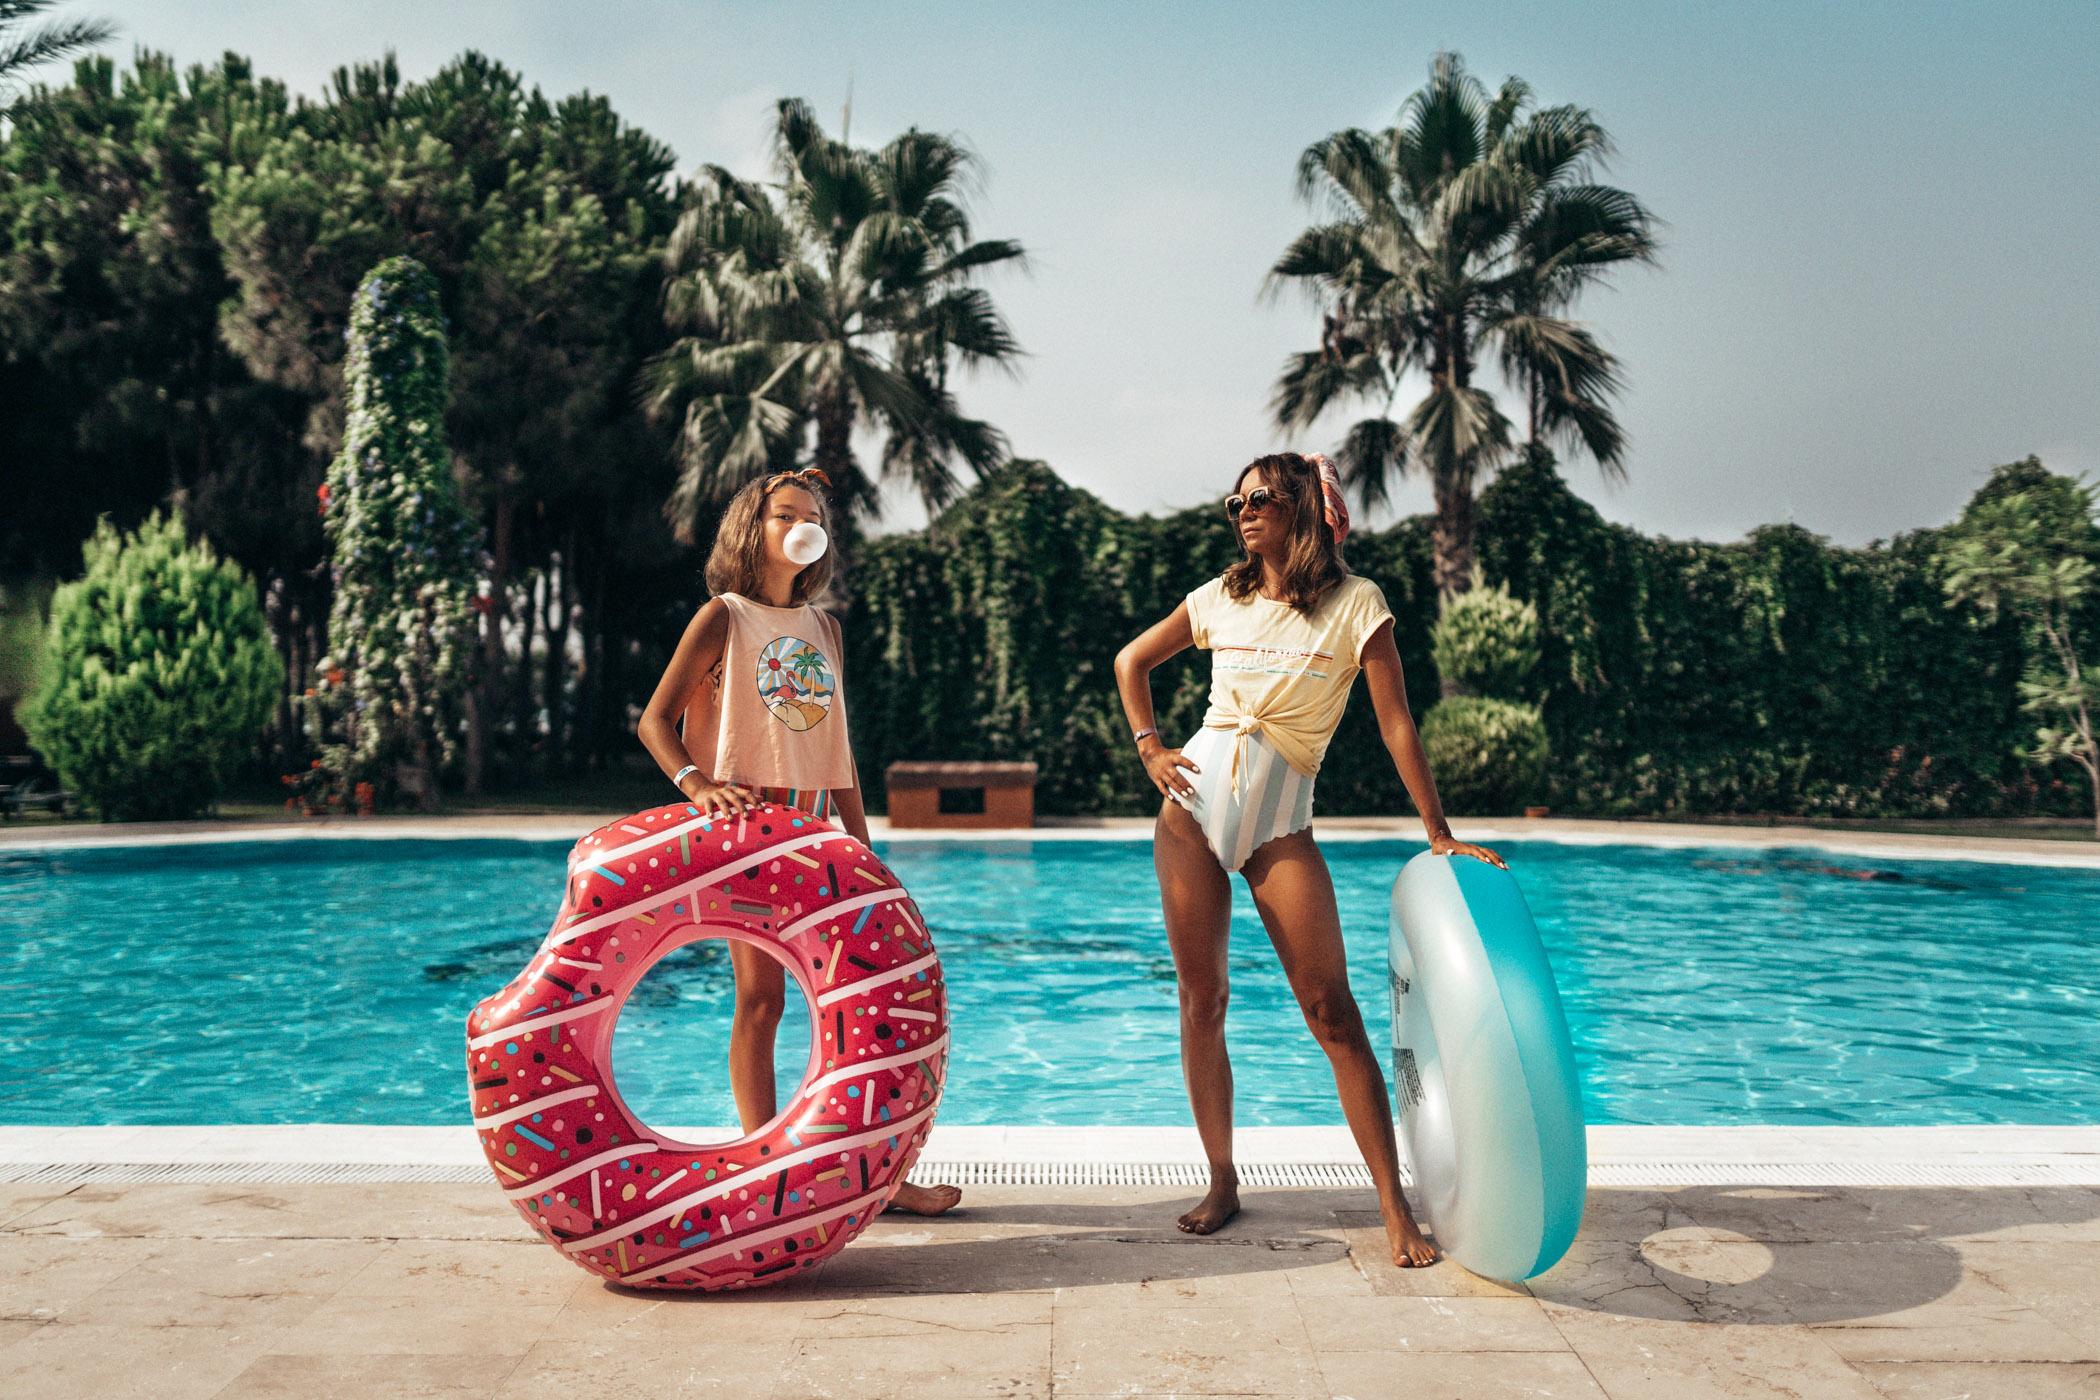 Wakacje w Turcji - sesja przy basenie